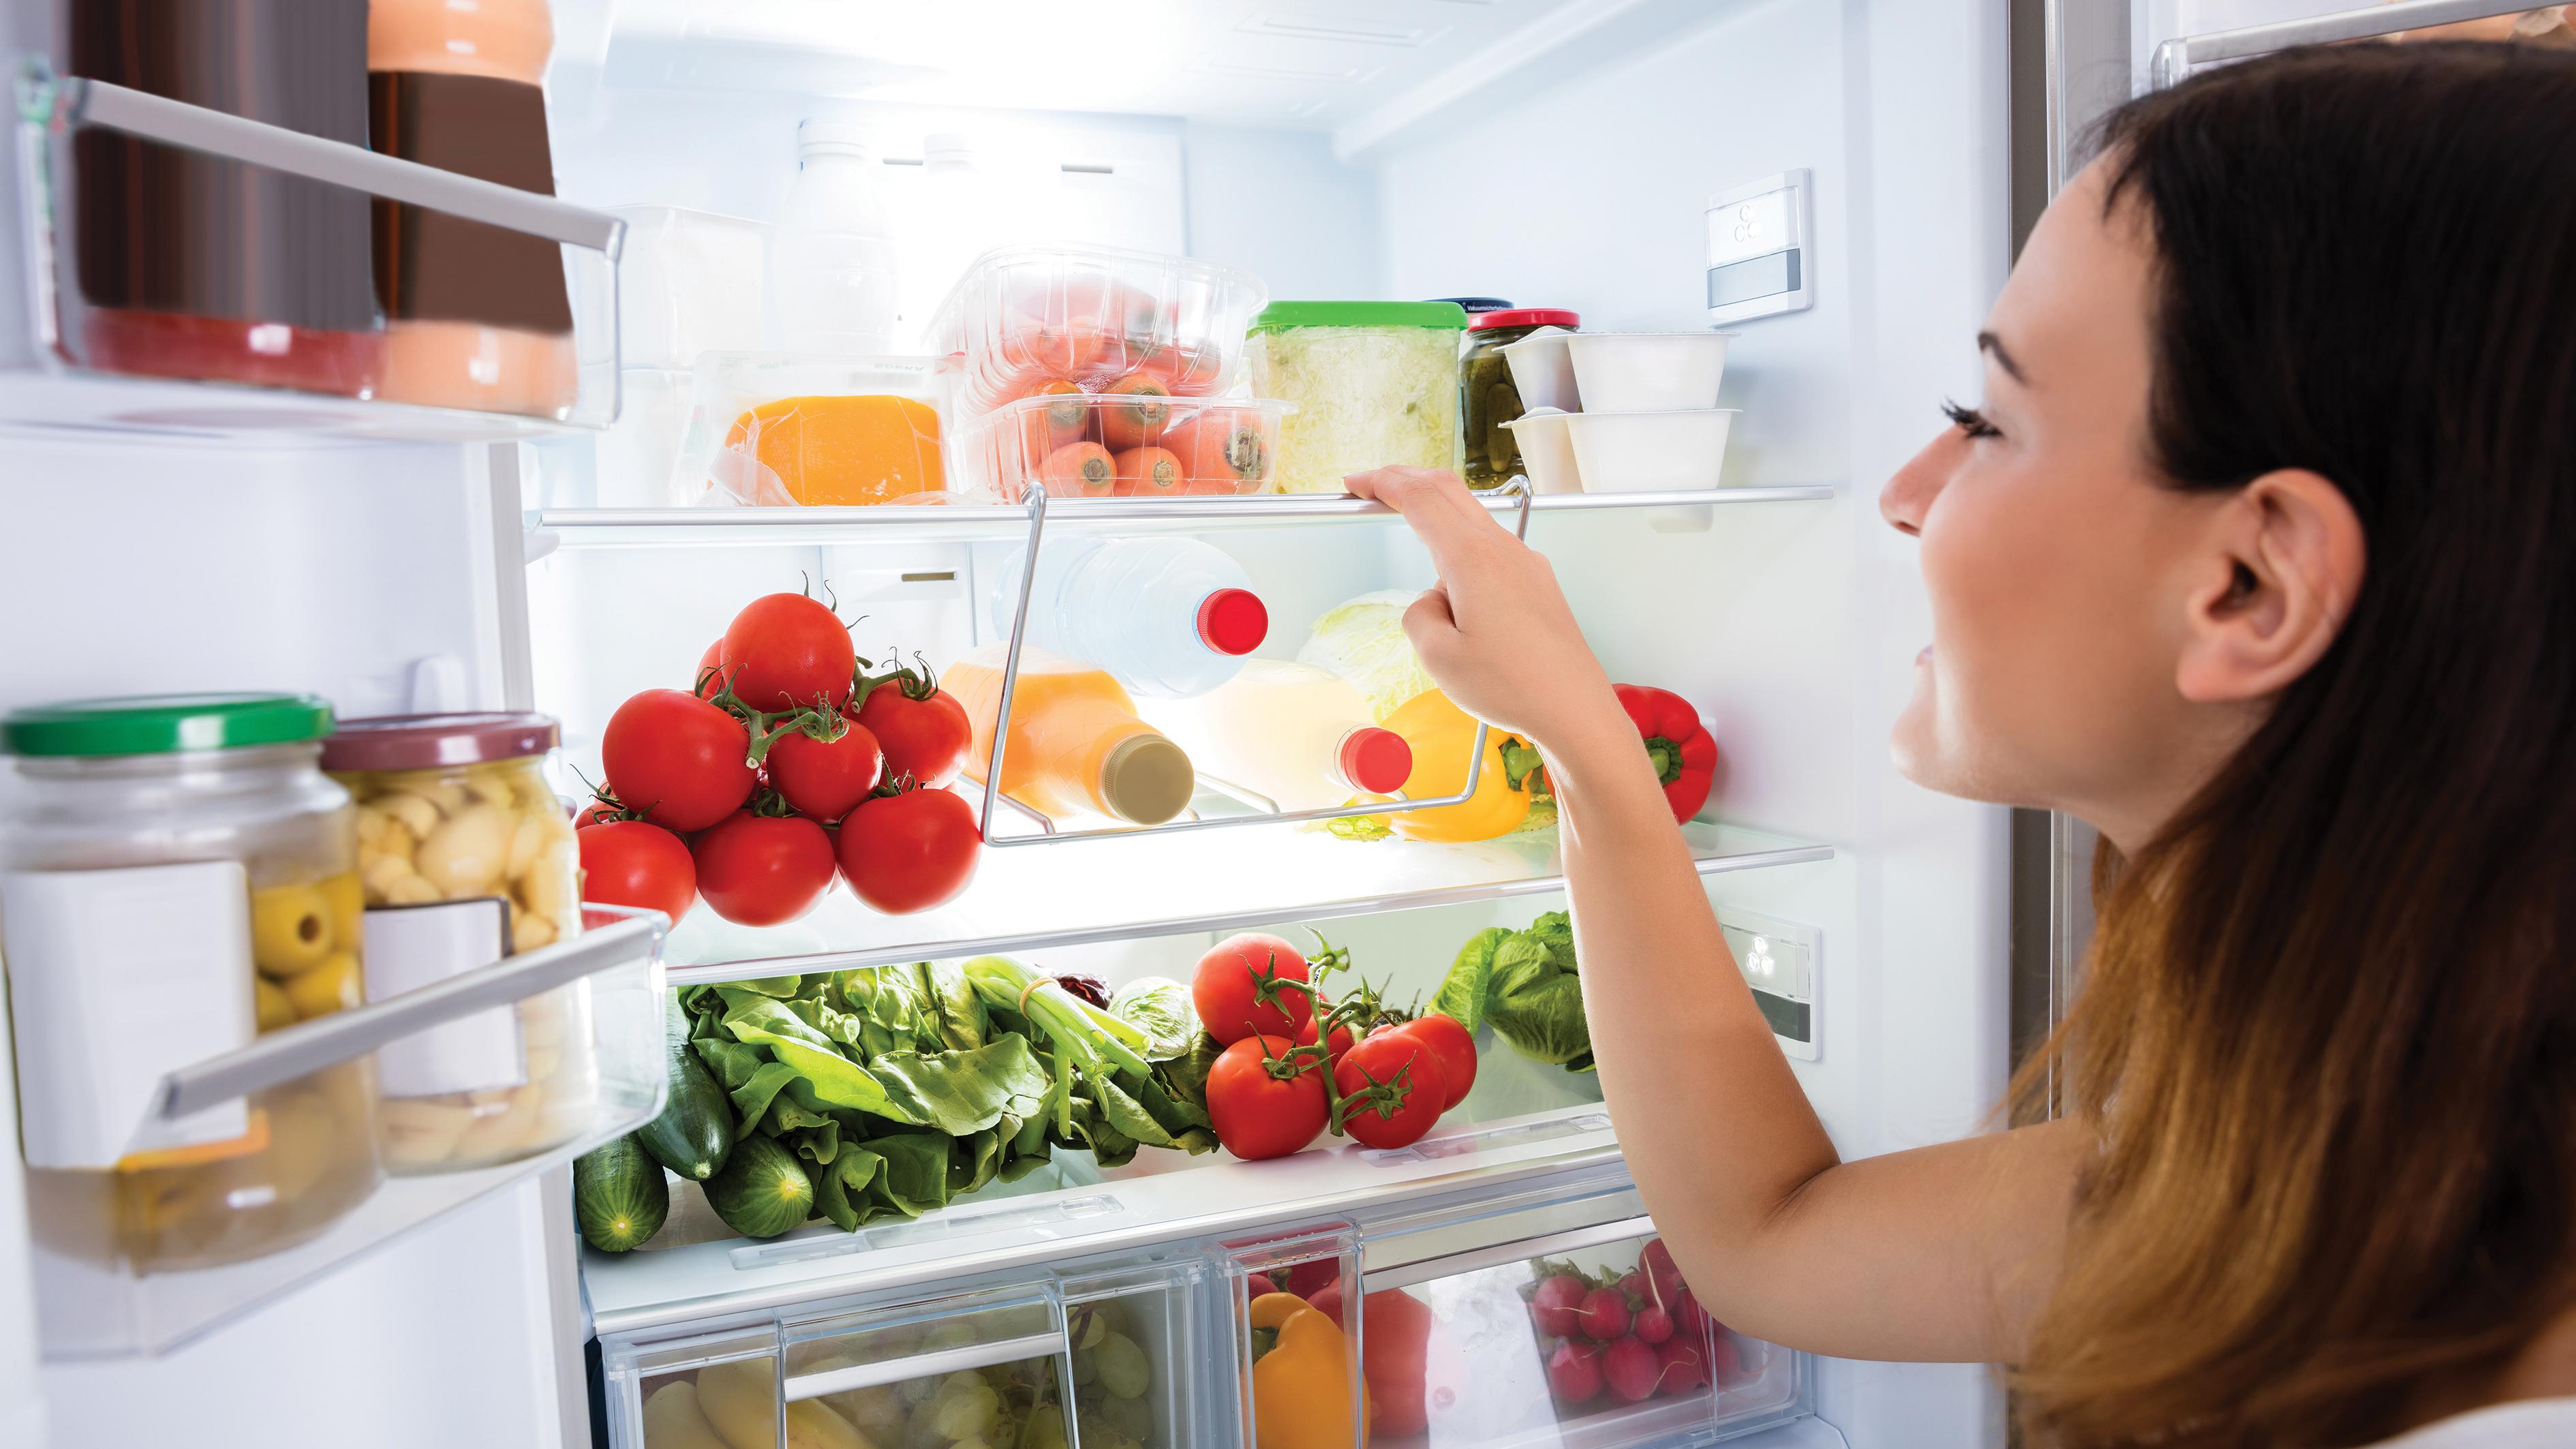 Best French Door Refrigerators 2019 - Reviews of Top Brands